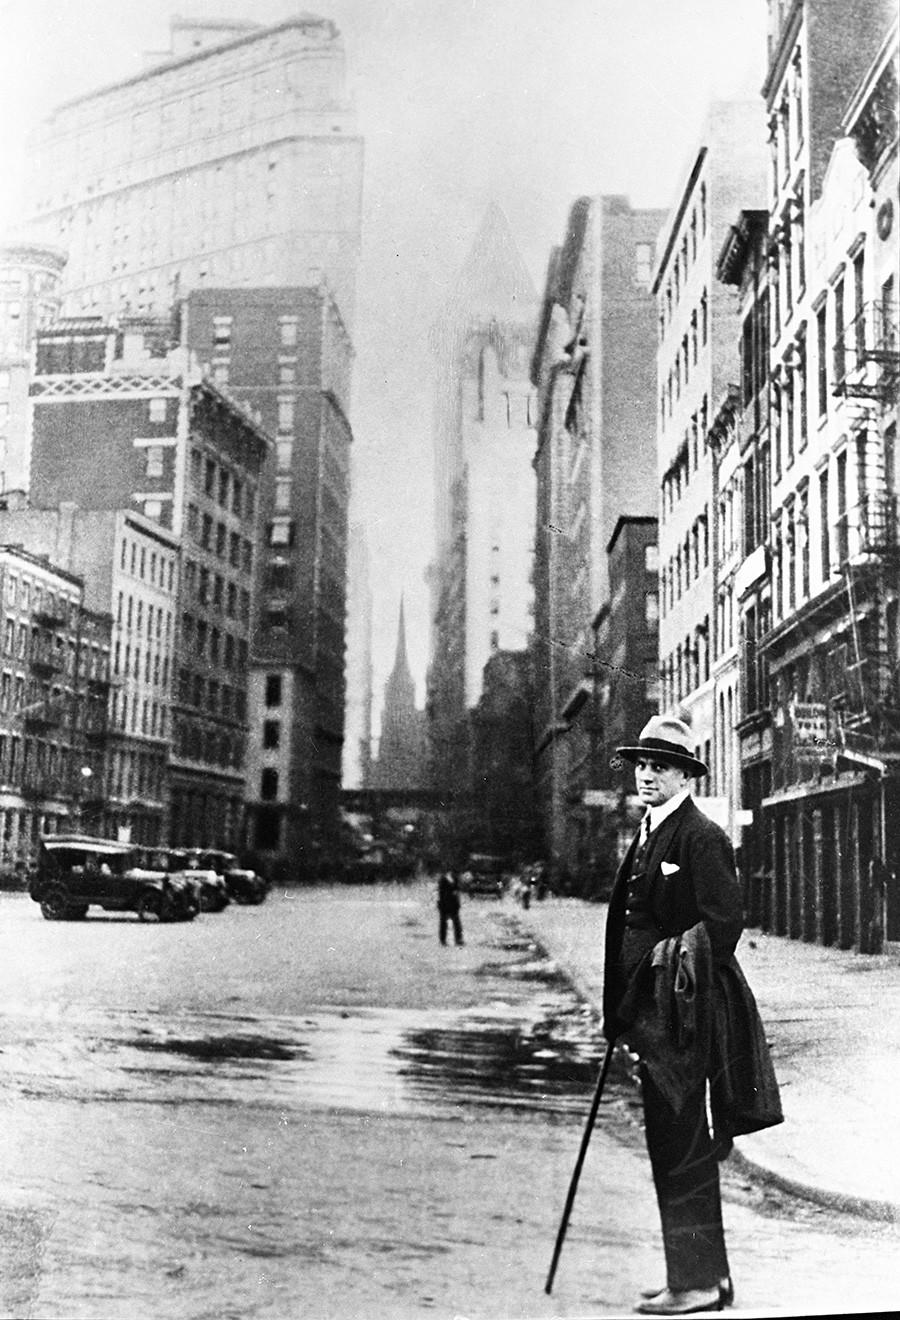 El poeta durante su viaje a Nueva York